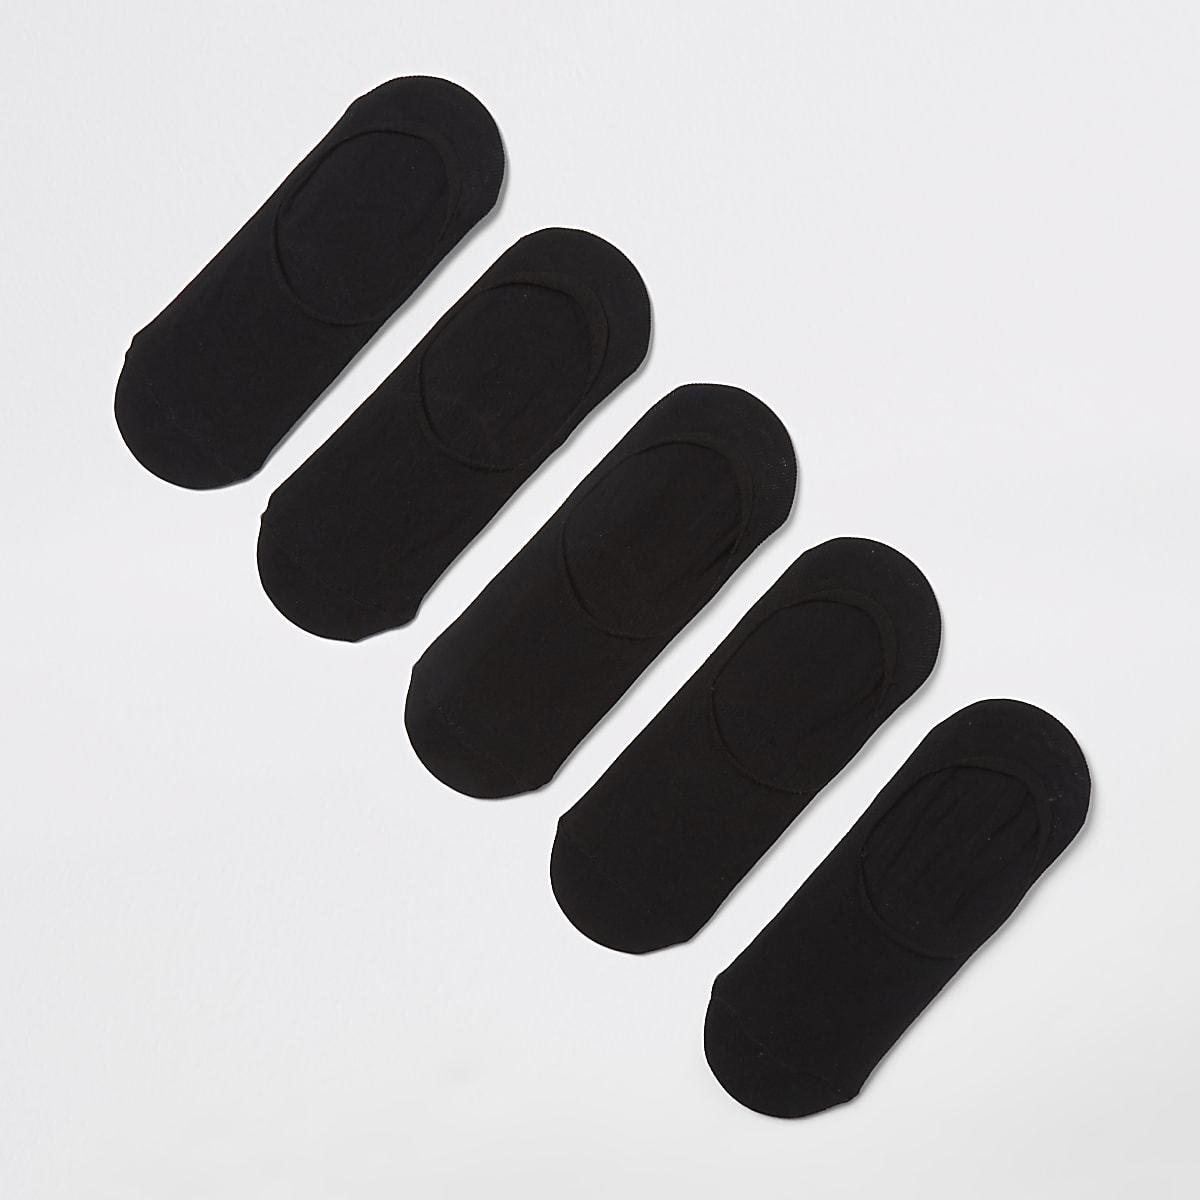 Lot de5 paires de chaussettes de sport invisibles noires